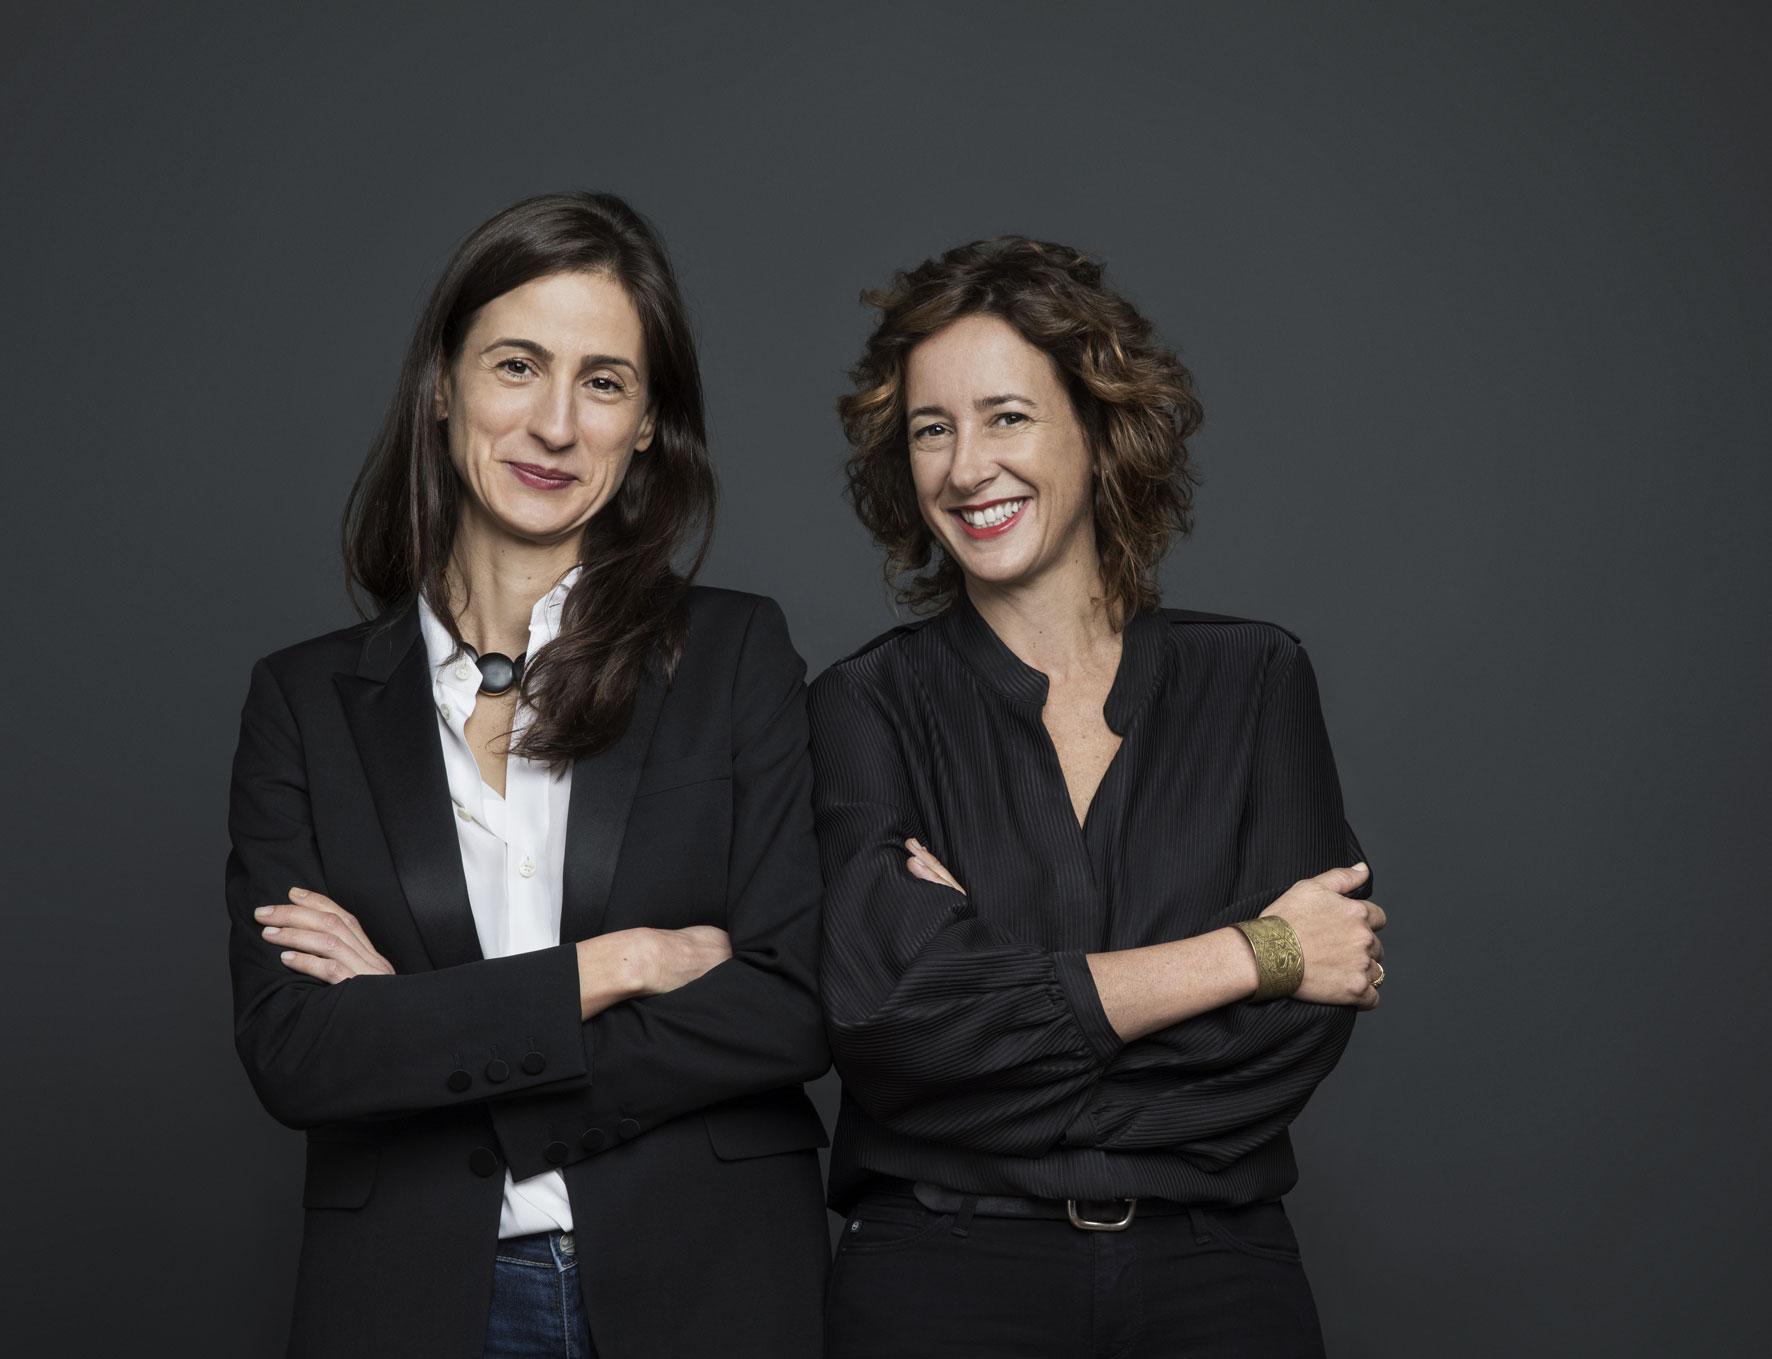 Benedetta Spalletti e Lodovica Busiri Vici, foto Ugo Dalla Porta